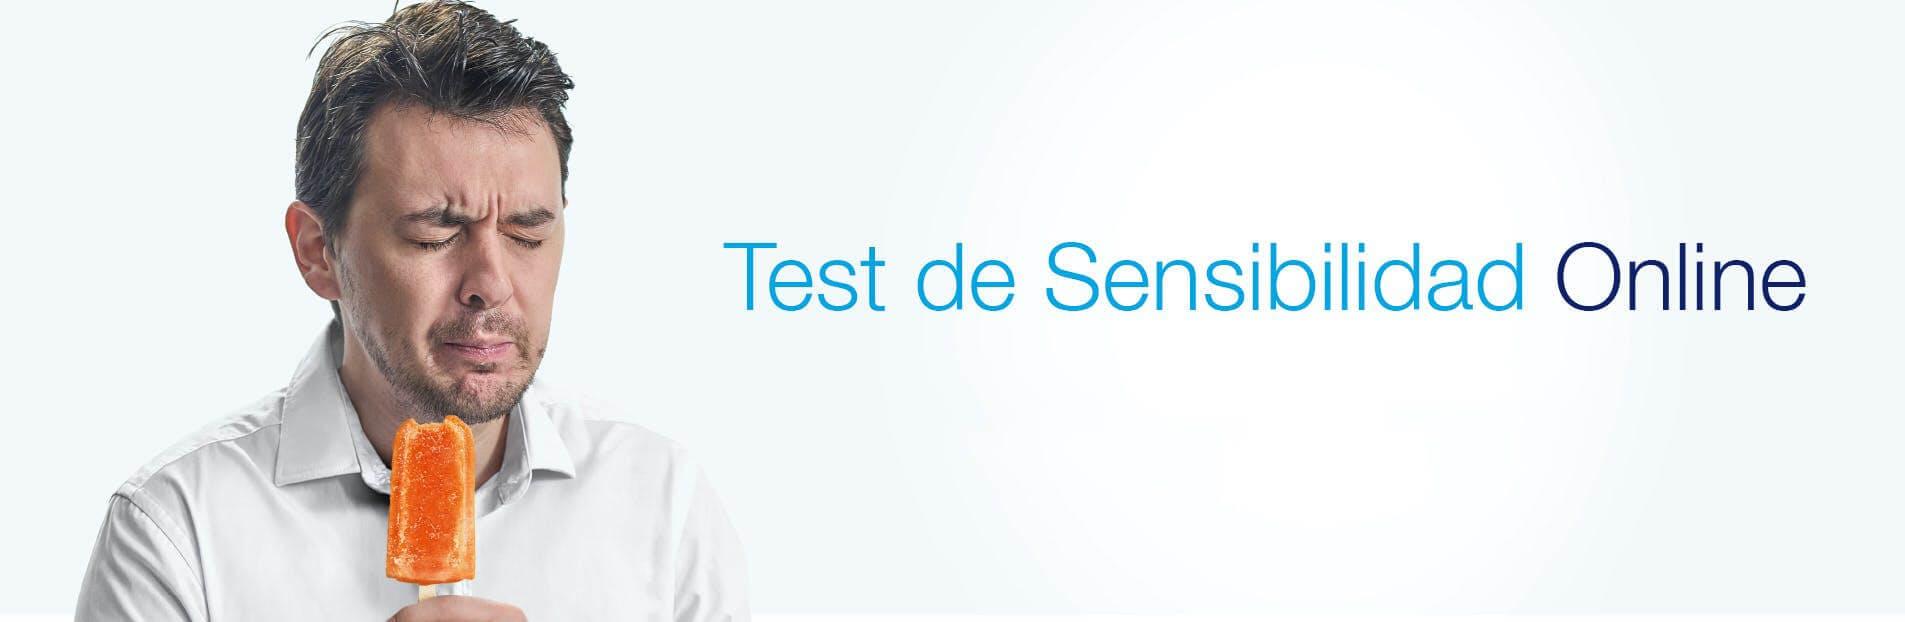 Hombre sufriendo de sensibilidad dental por comer helado - Test de sensibilidad dental - Sensibilidad al frío